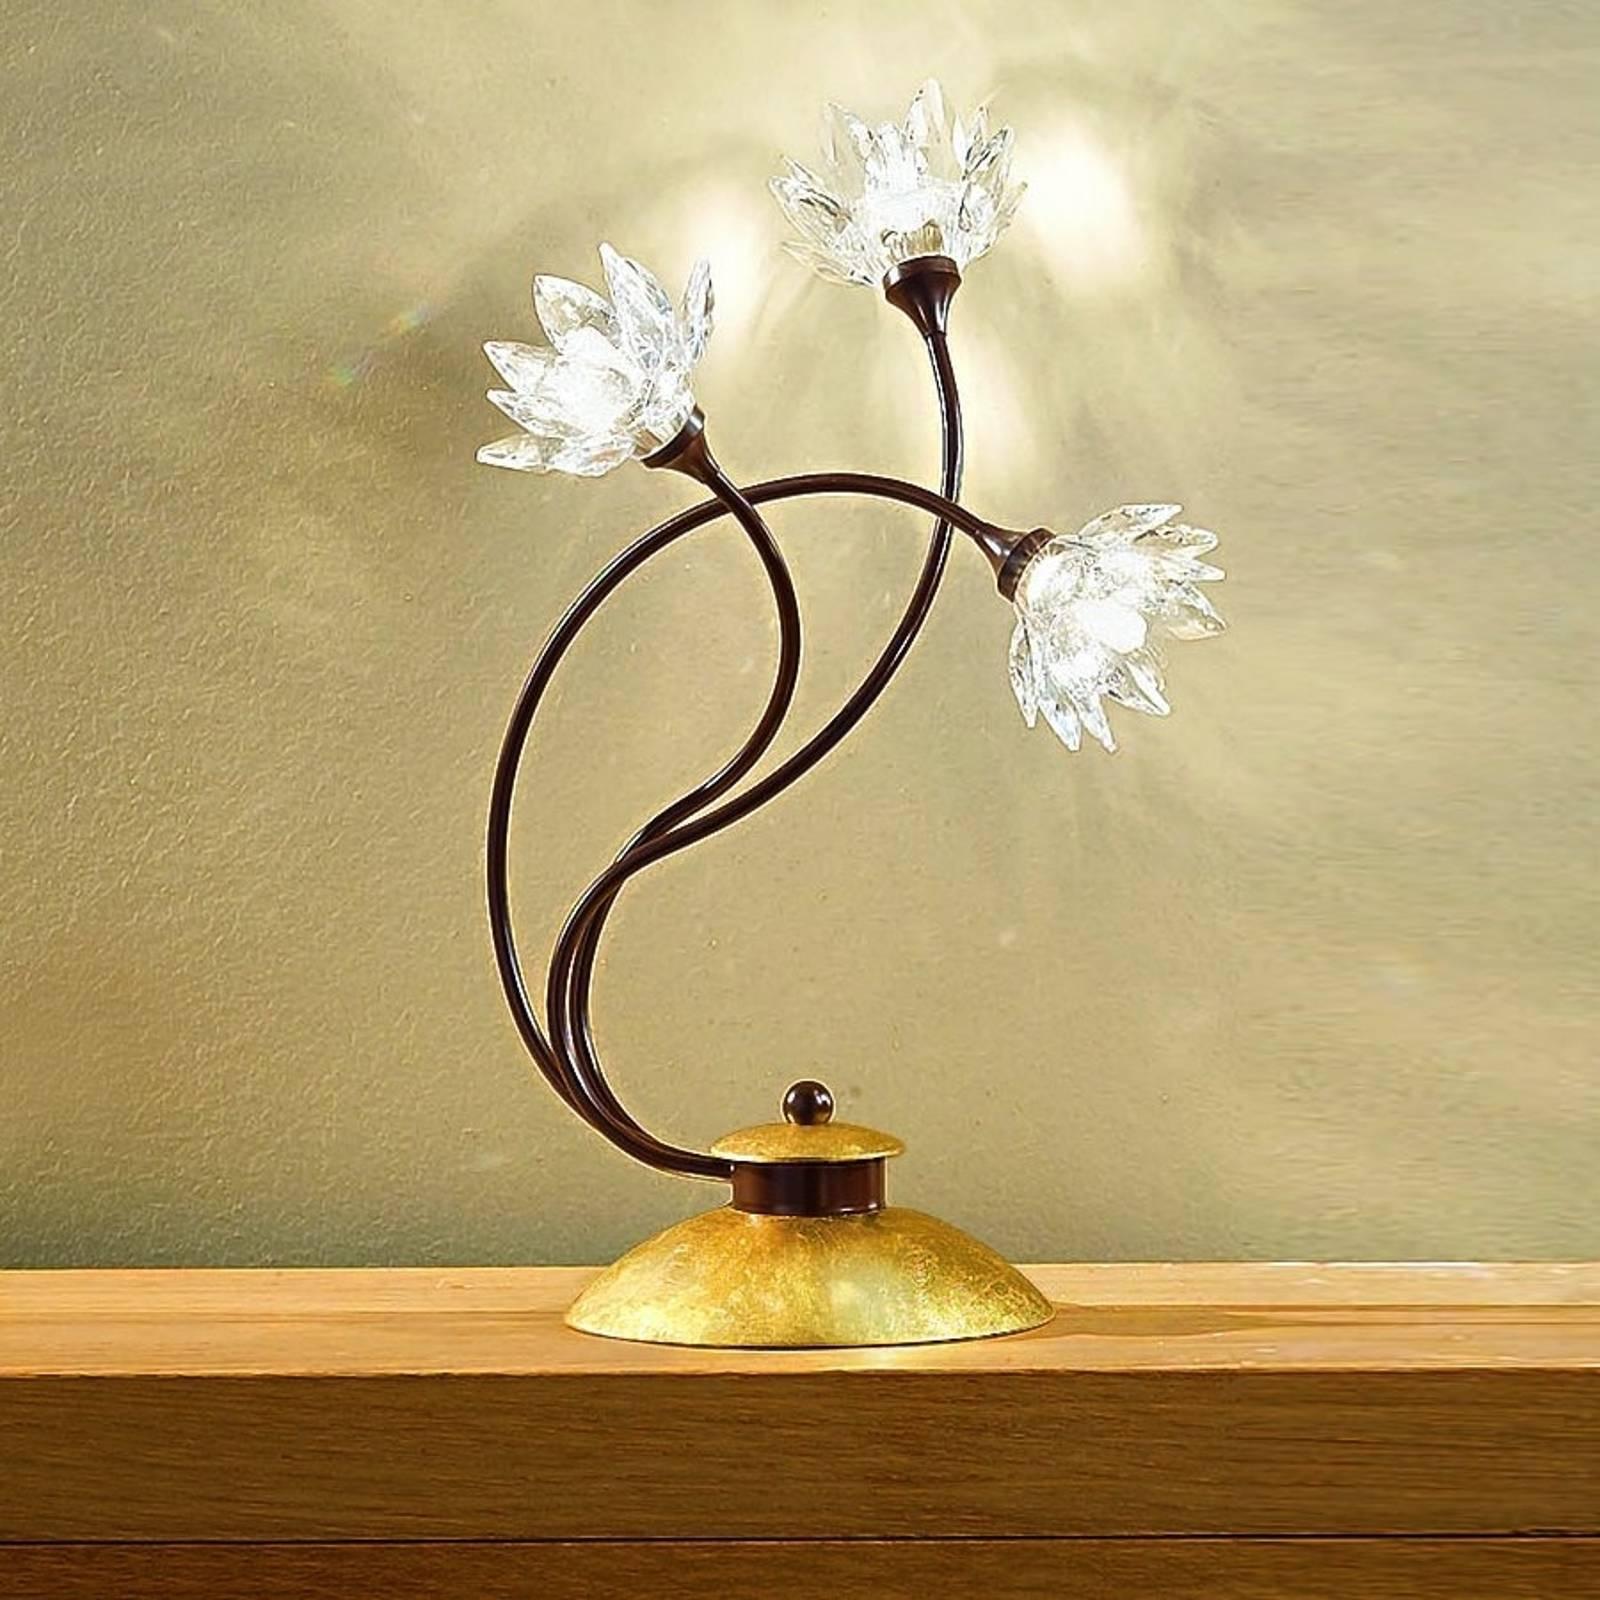 Bloemvormige tafellamp Fiorella, helder kristal